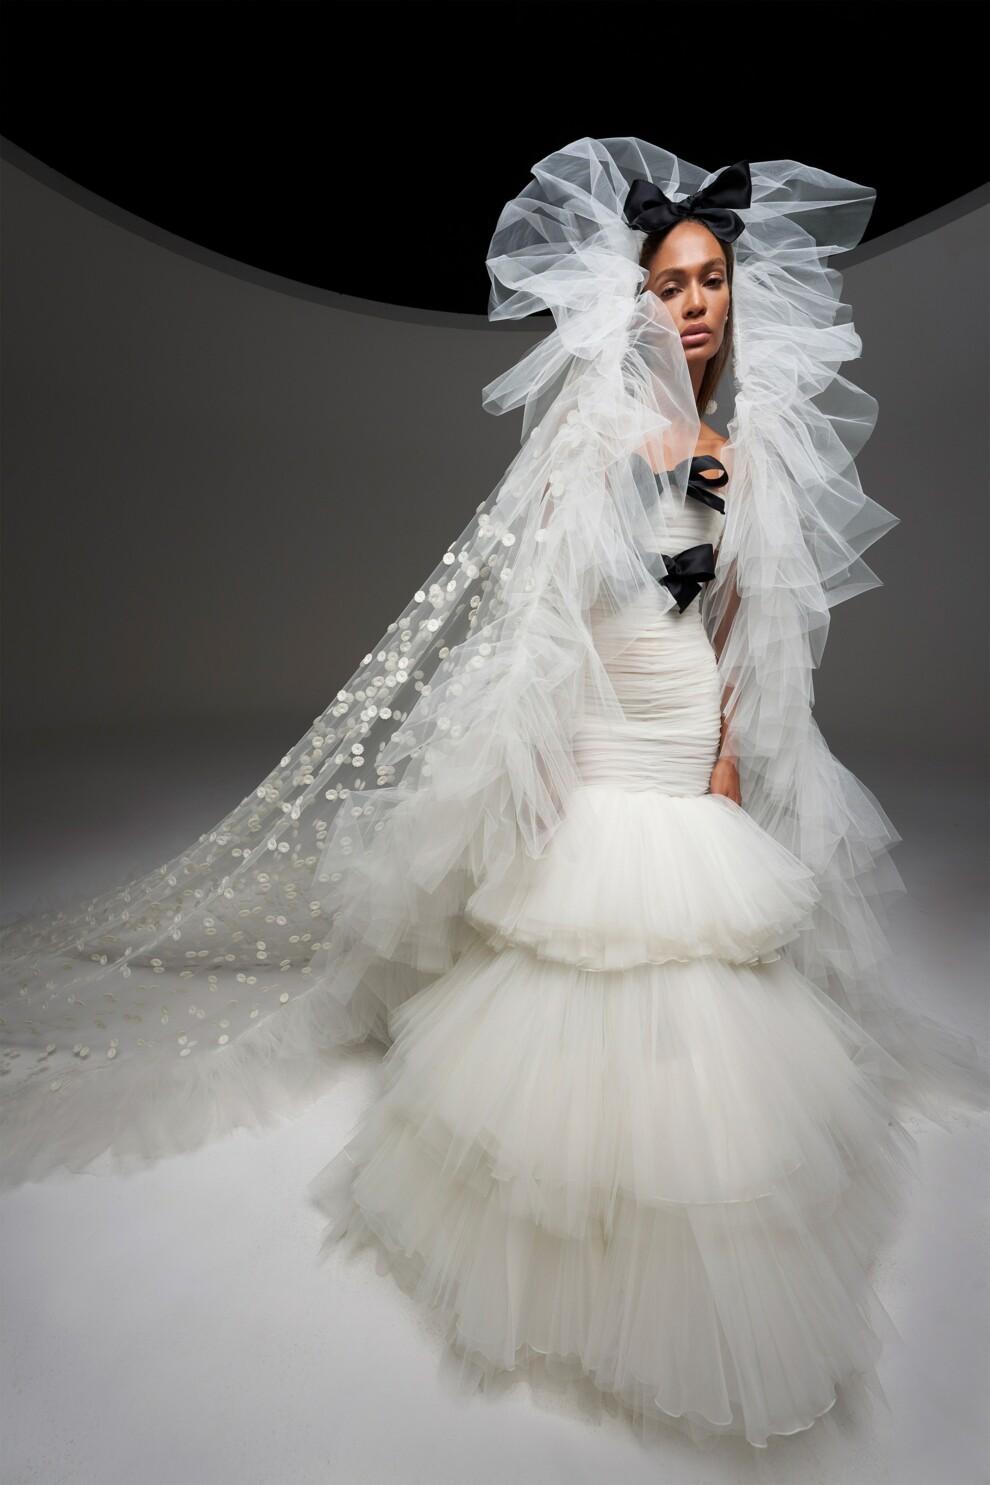 Свадебные платья в кутюрных коллекциях сезона осень-зима 2020-2021